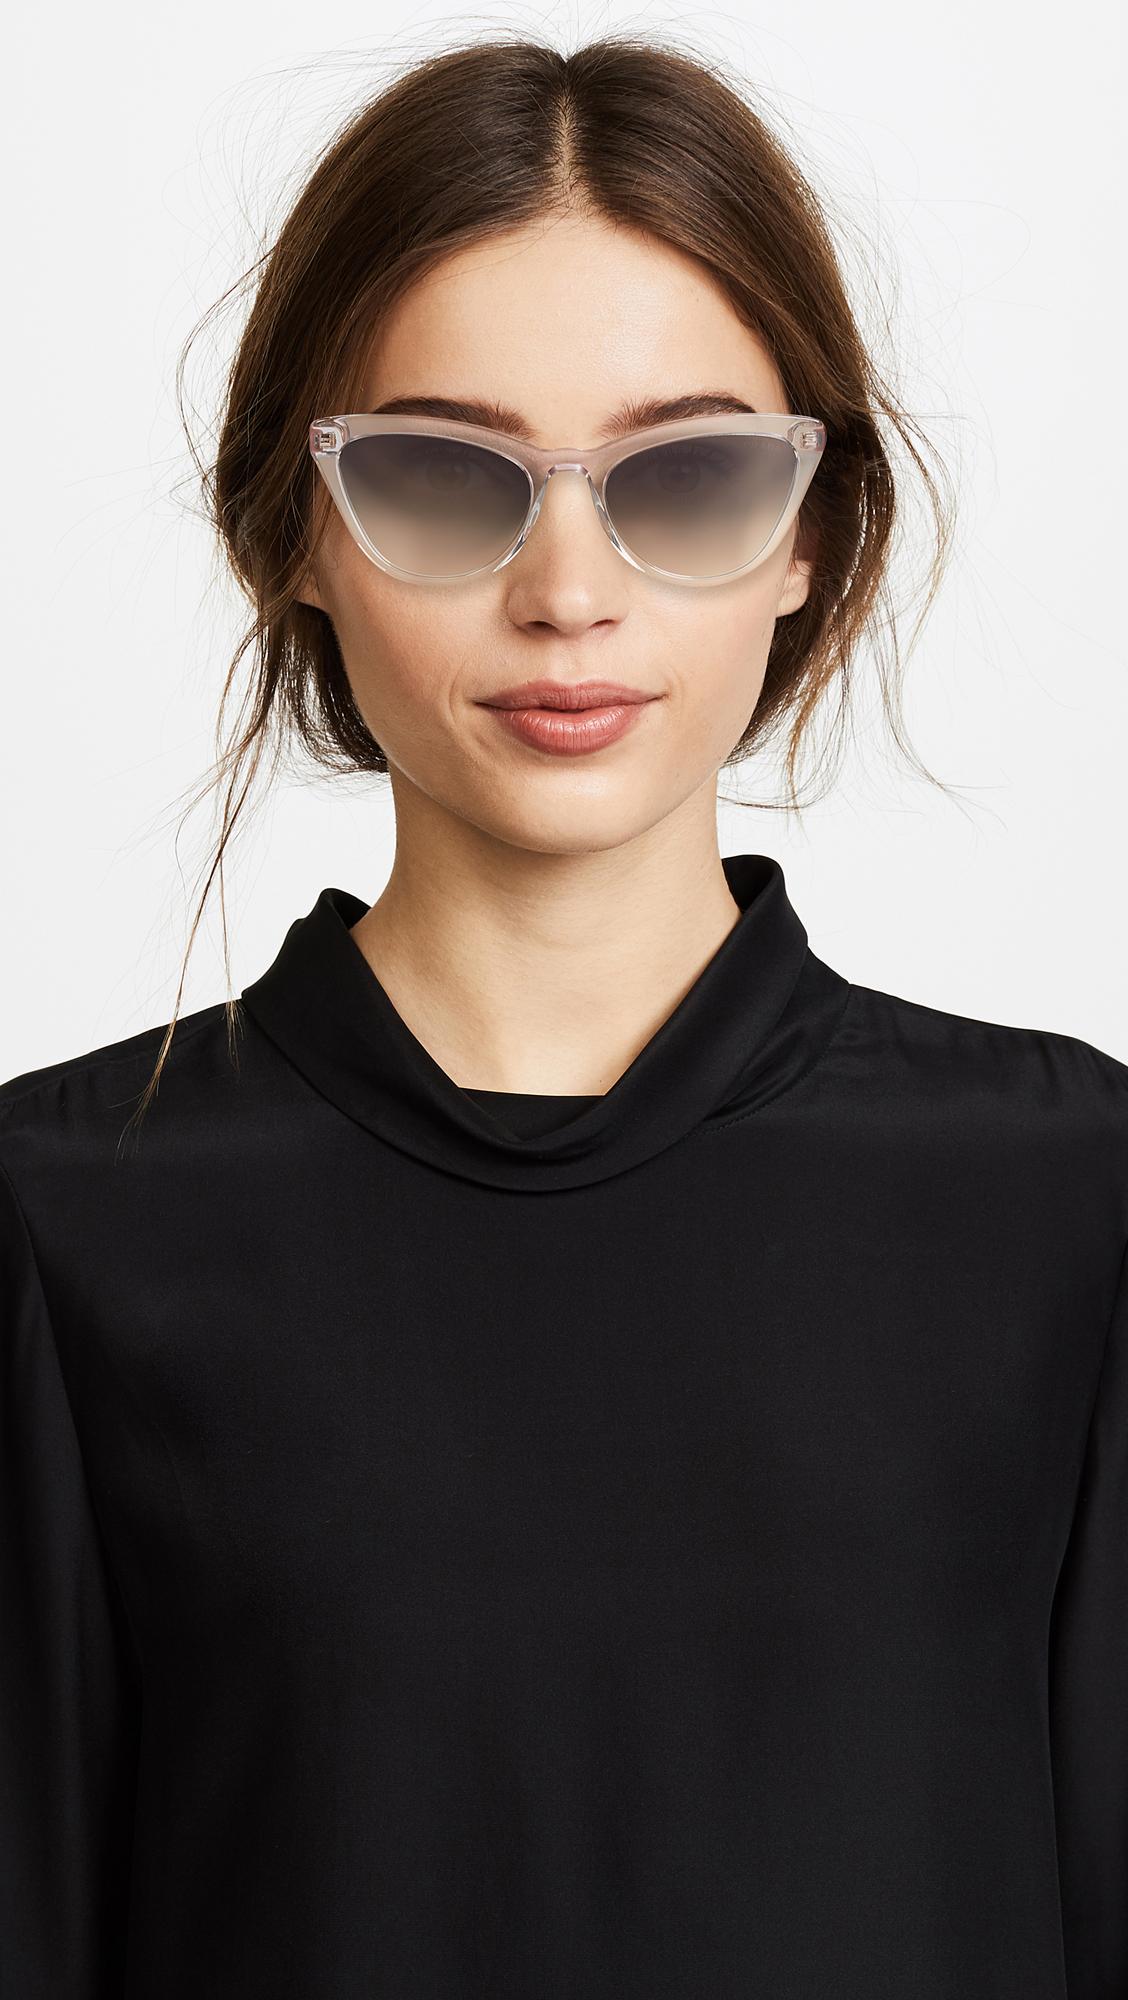 d7ddc89718f Prada PR 01VS Ultravox Cat Eye Sunglasses